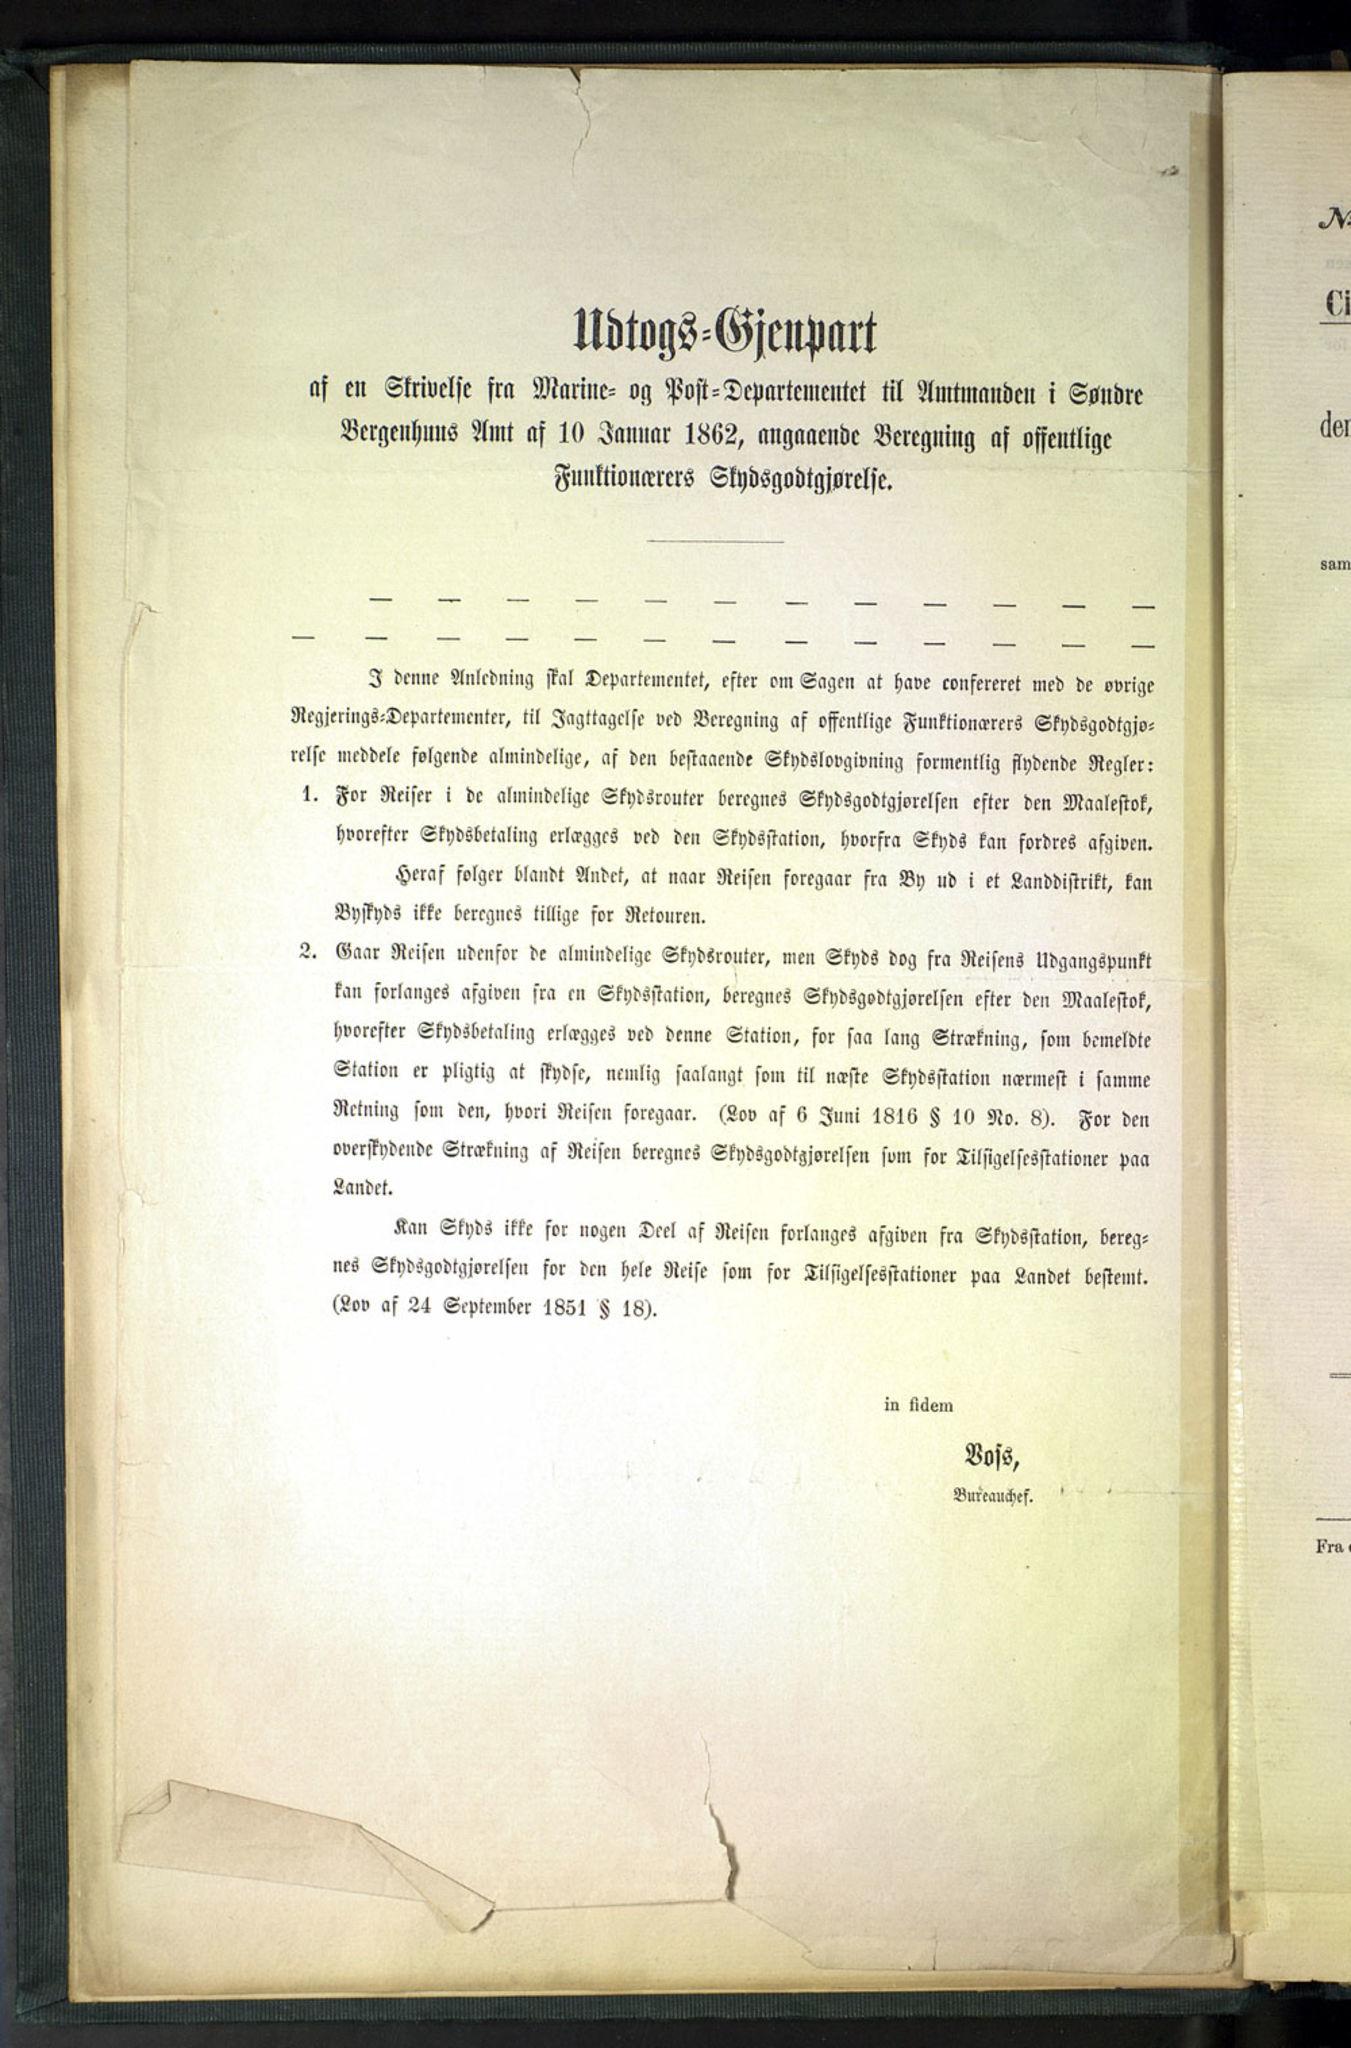 NOPO, Norges Postmuseums bibliotek, -/-: Sirkulærer fra Den Kongelige Norske Regjerings Marine- og Postdepartement, 1862